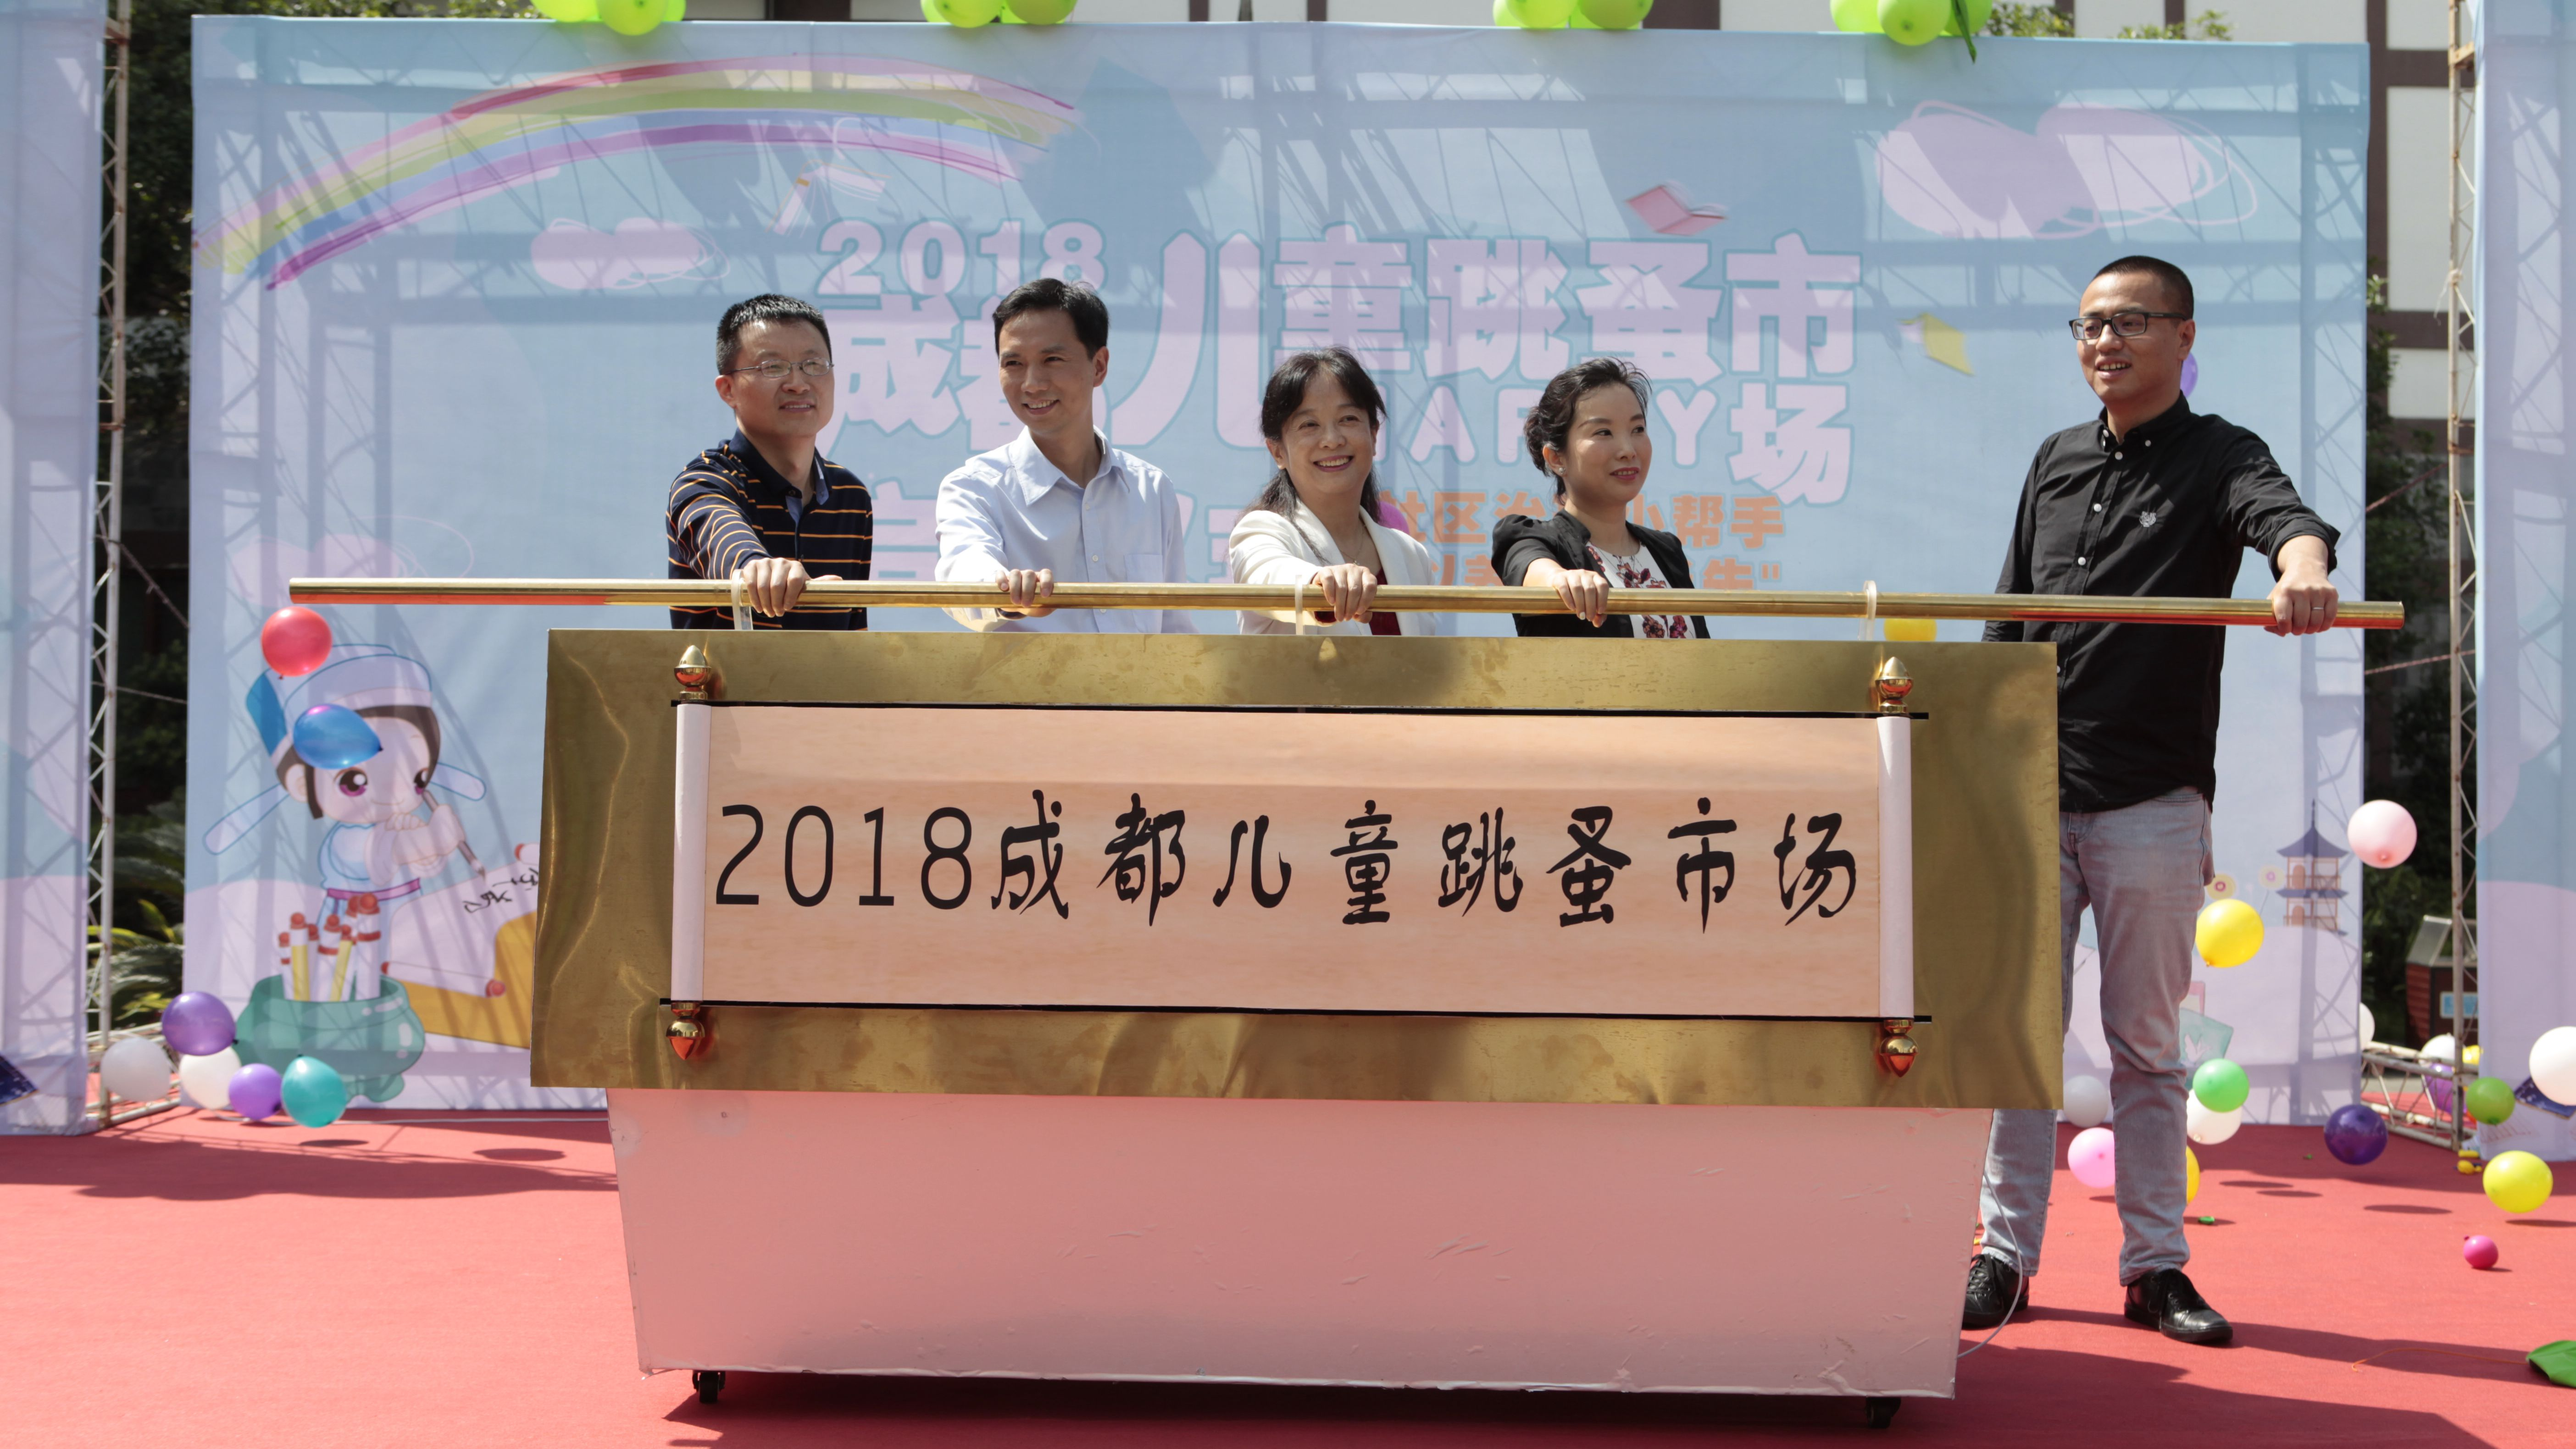 叫卖声声书香浓 2018成都儿童跳蚤市场全年活动启幕